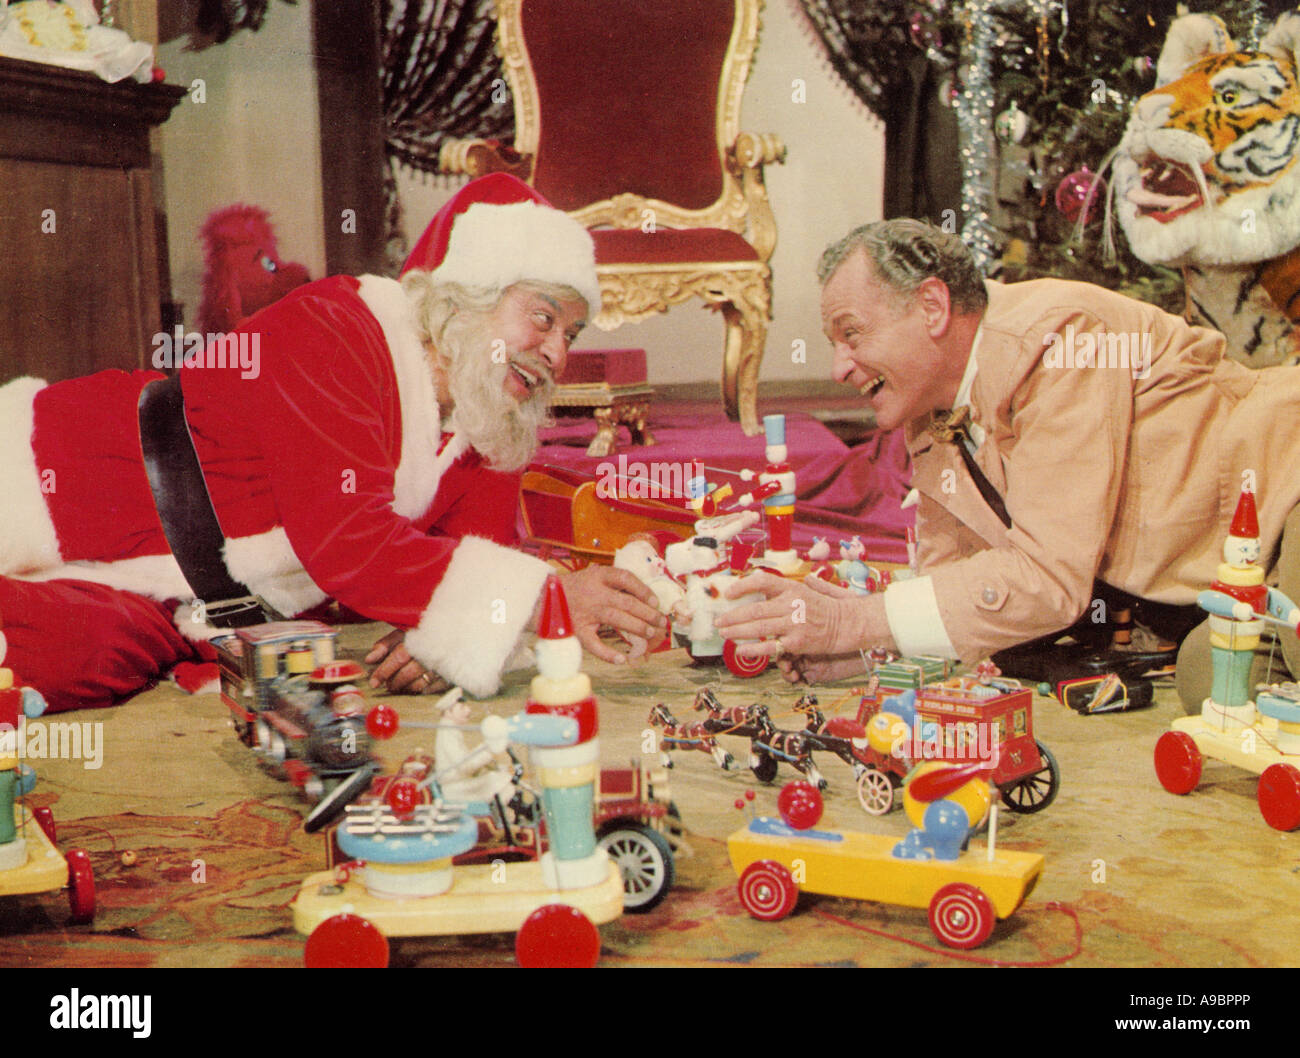 Il Natale che quasi non era - 1966 Bambi Productions film con Alberto Rabagliati a sinistra Immagini Stock